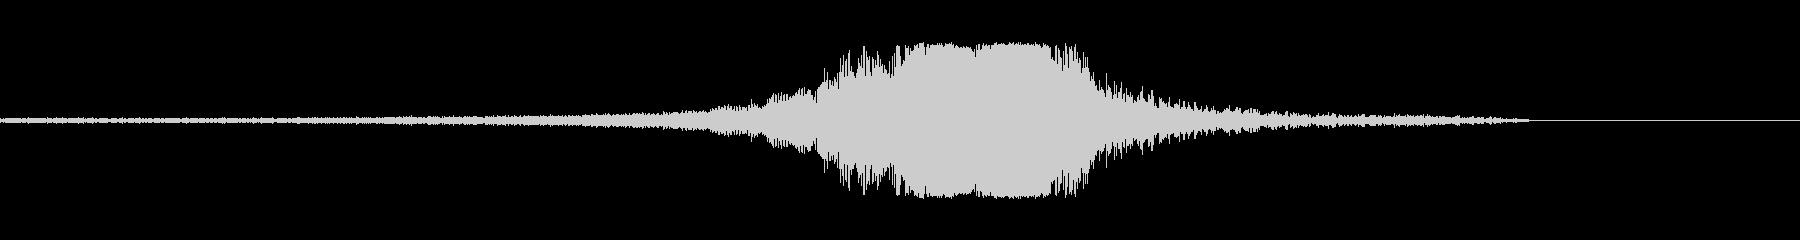 ジェットパスfの未再生の波形